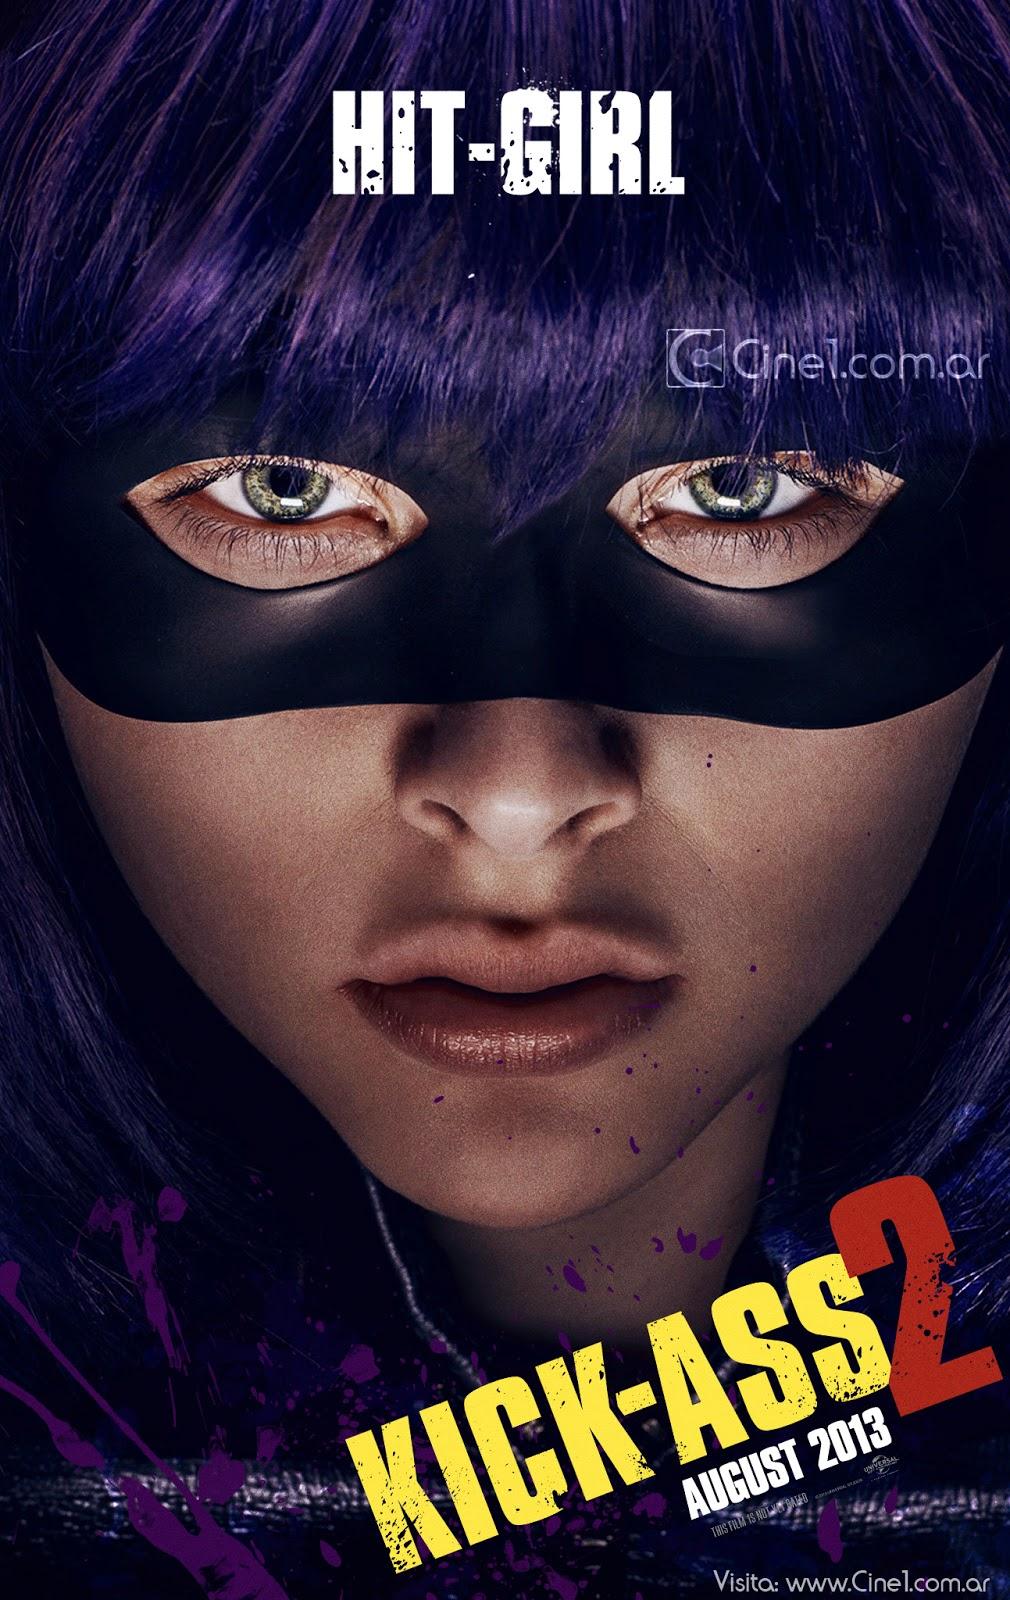 image - kick-ass-2-poster-hit-girl | kick-ass wiki | fandom